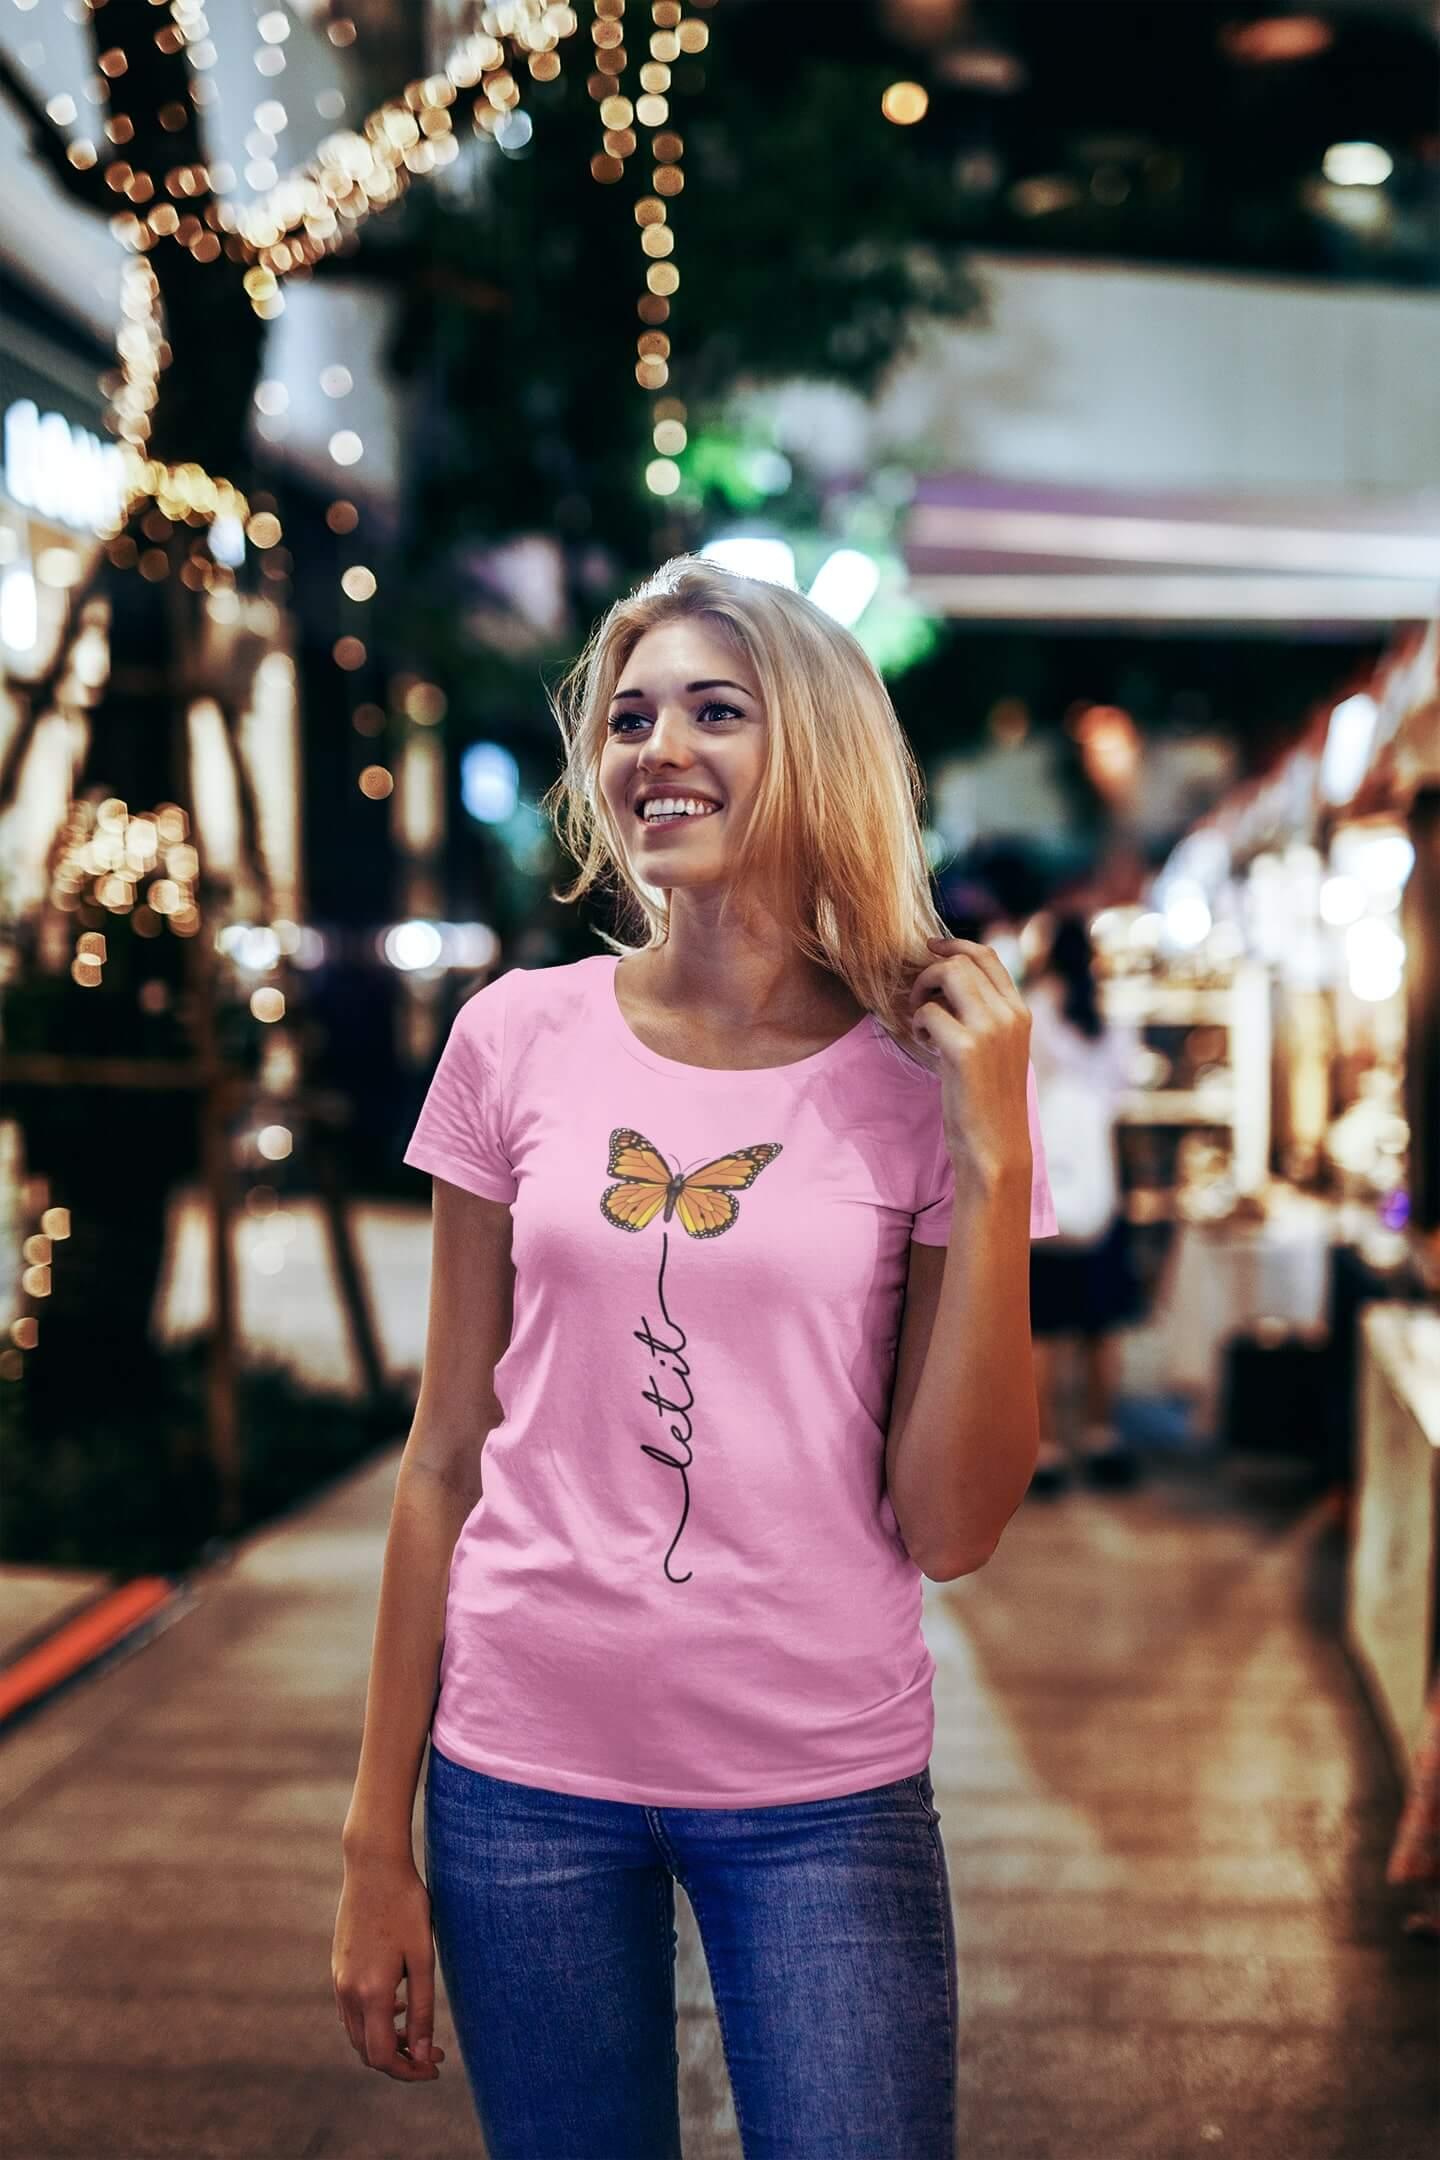 MMO Dámske tričko Let it motýľ Vyberte farbu: Ružová, Vyberte veľkosť: S